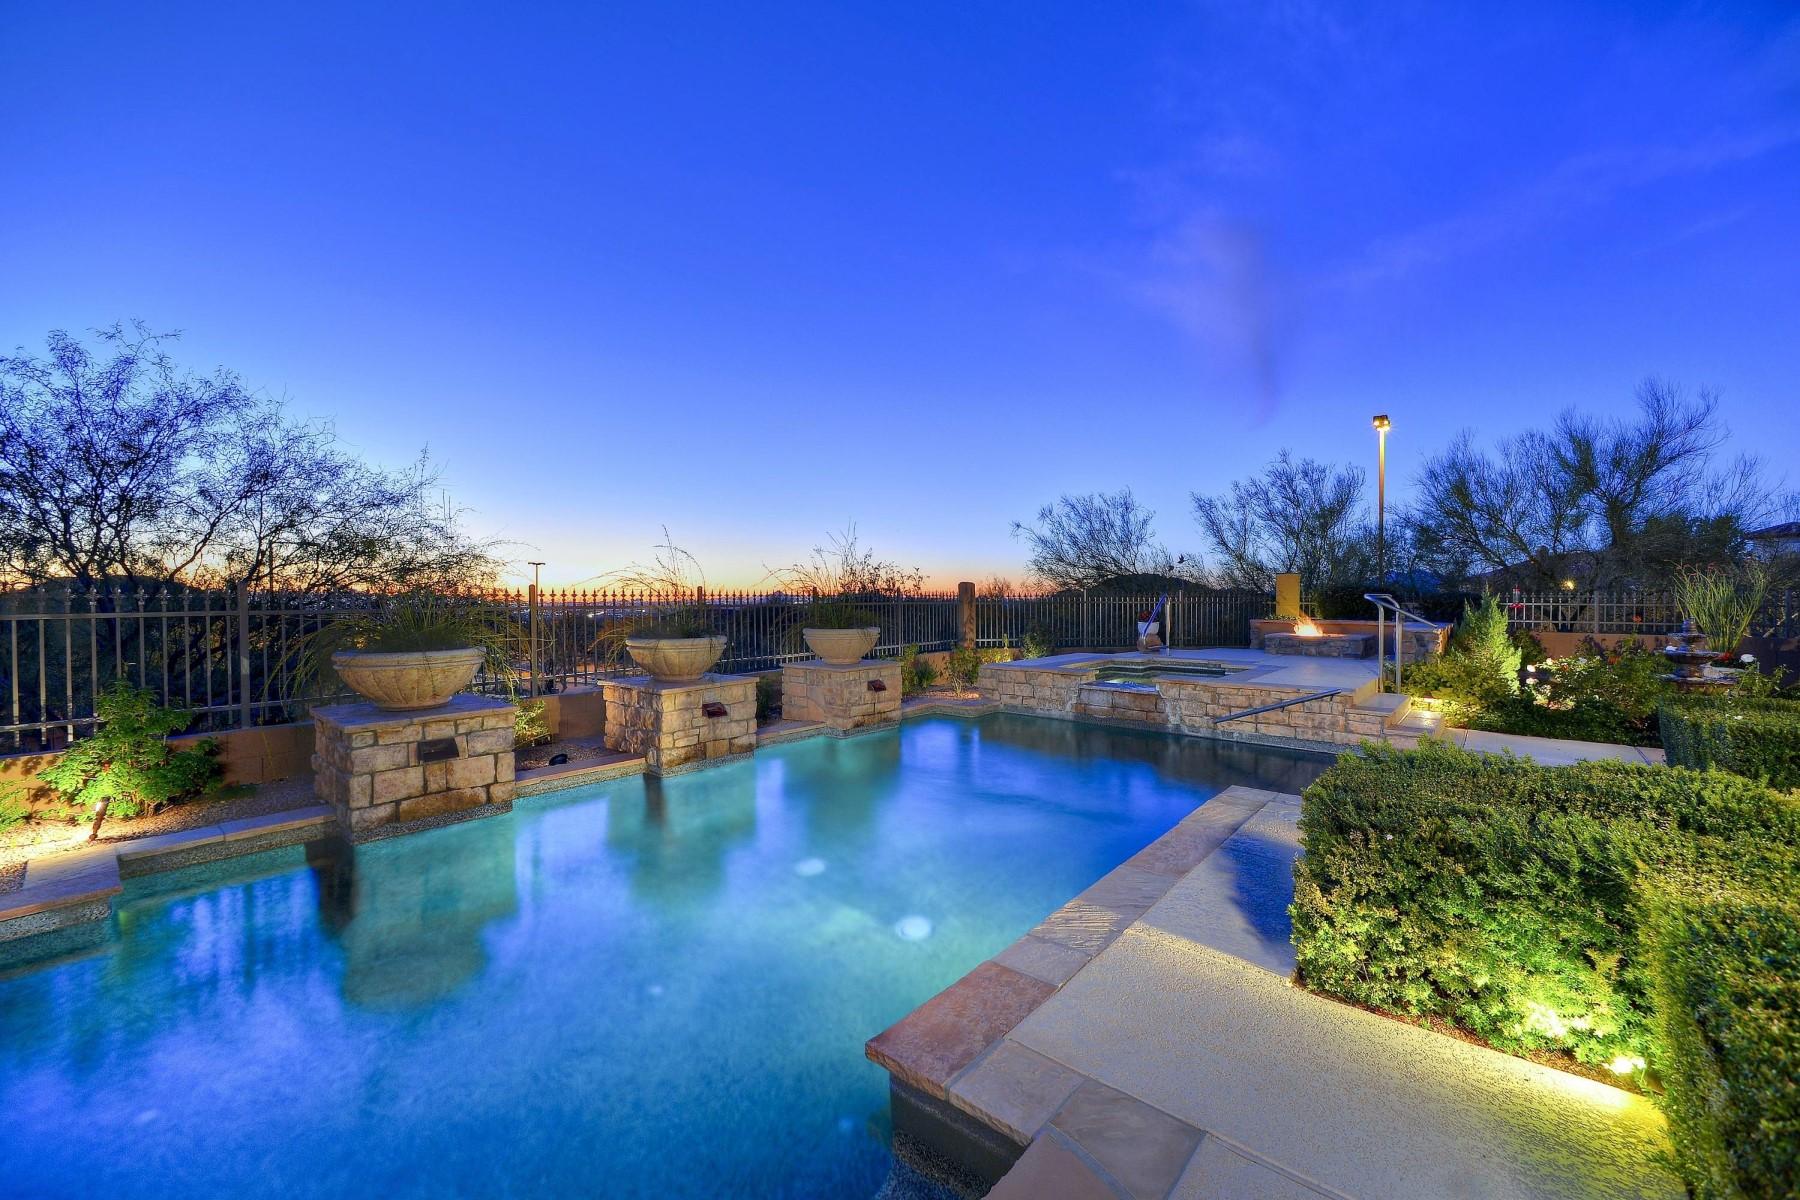 Частный односемейный дом для того Продажа на Stonecliff at Las Sendas Mountain 4062 N TERRA MESA CIR, Mesa, Аризона, 85207 Соединенные Штаты